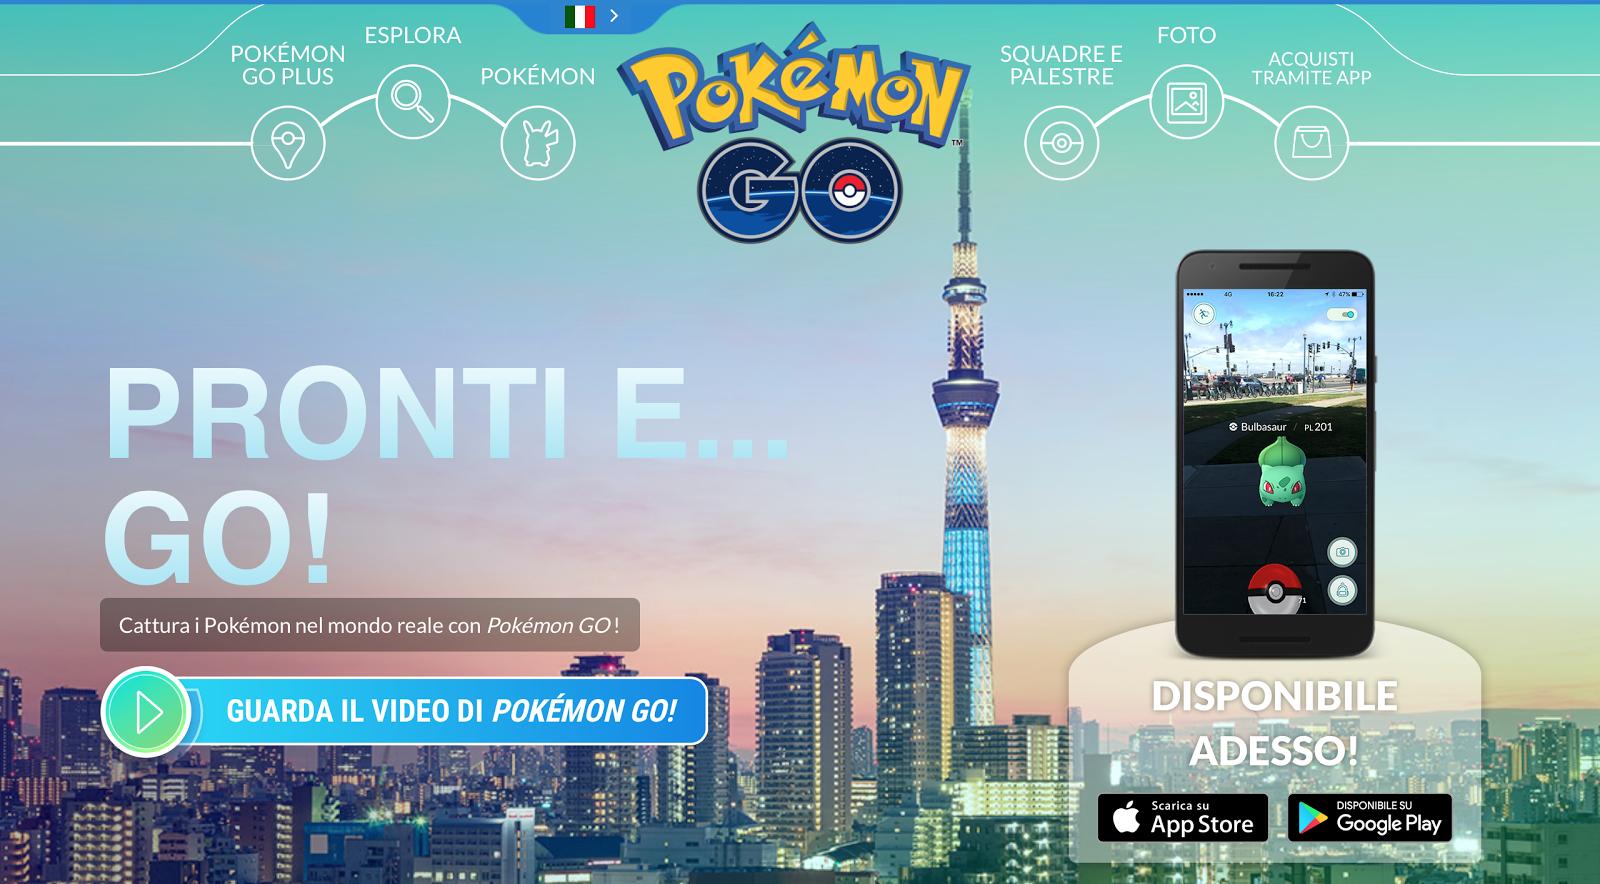 Come installare Pokémon Go bot su Raspberry Pi